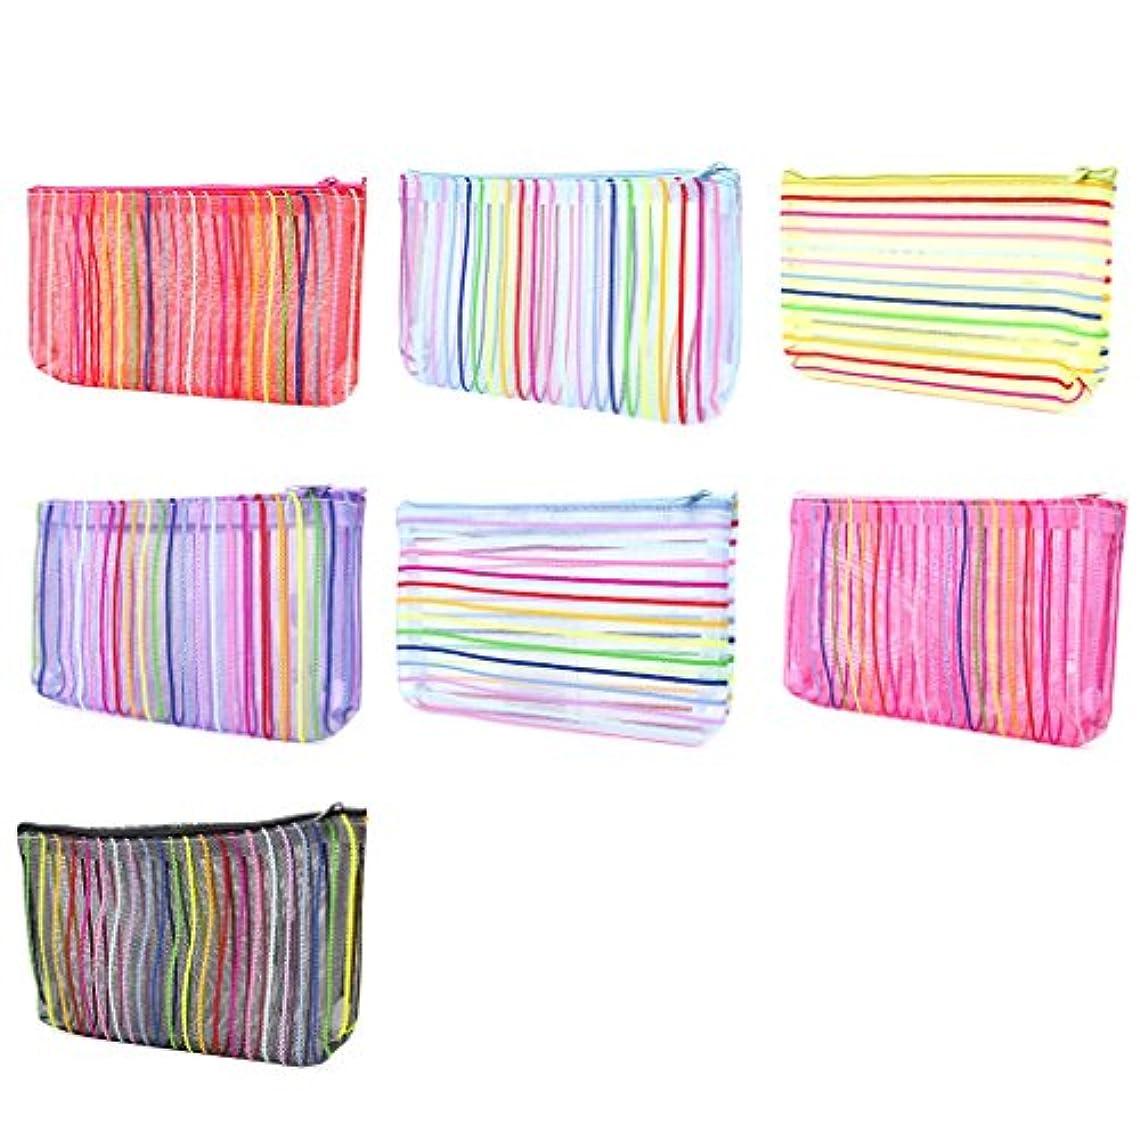 石炭セクション使い込むSimpleLife Rainbow化粧品バッグ/ナイロンメッシュ化粧ケース/トラベルトイレタリーポーチオーガナイザーバッグ(ジッパー付き)(ランダムカラー)